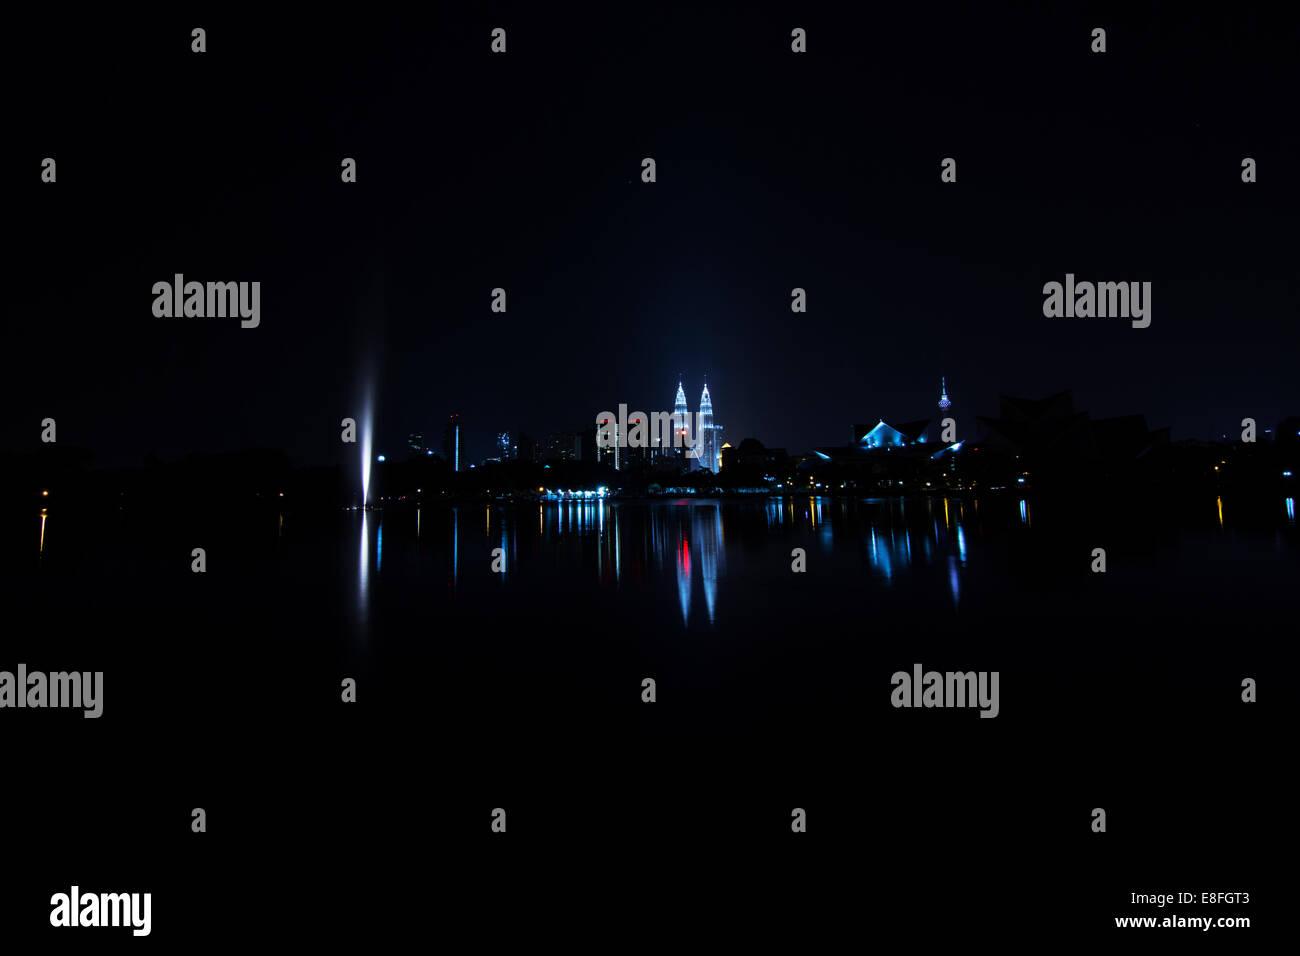 Malaysia, Kuala Lumpur, City skyline at night - Stock Image